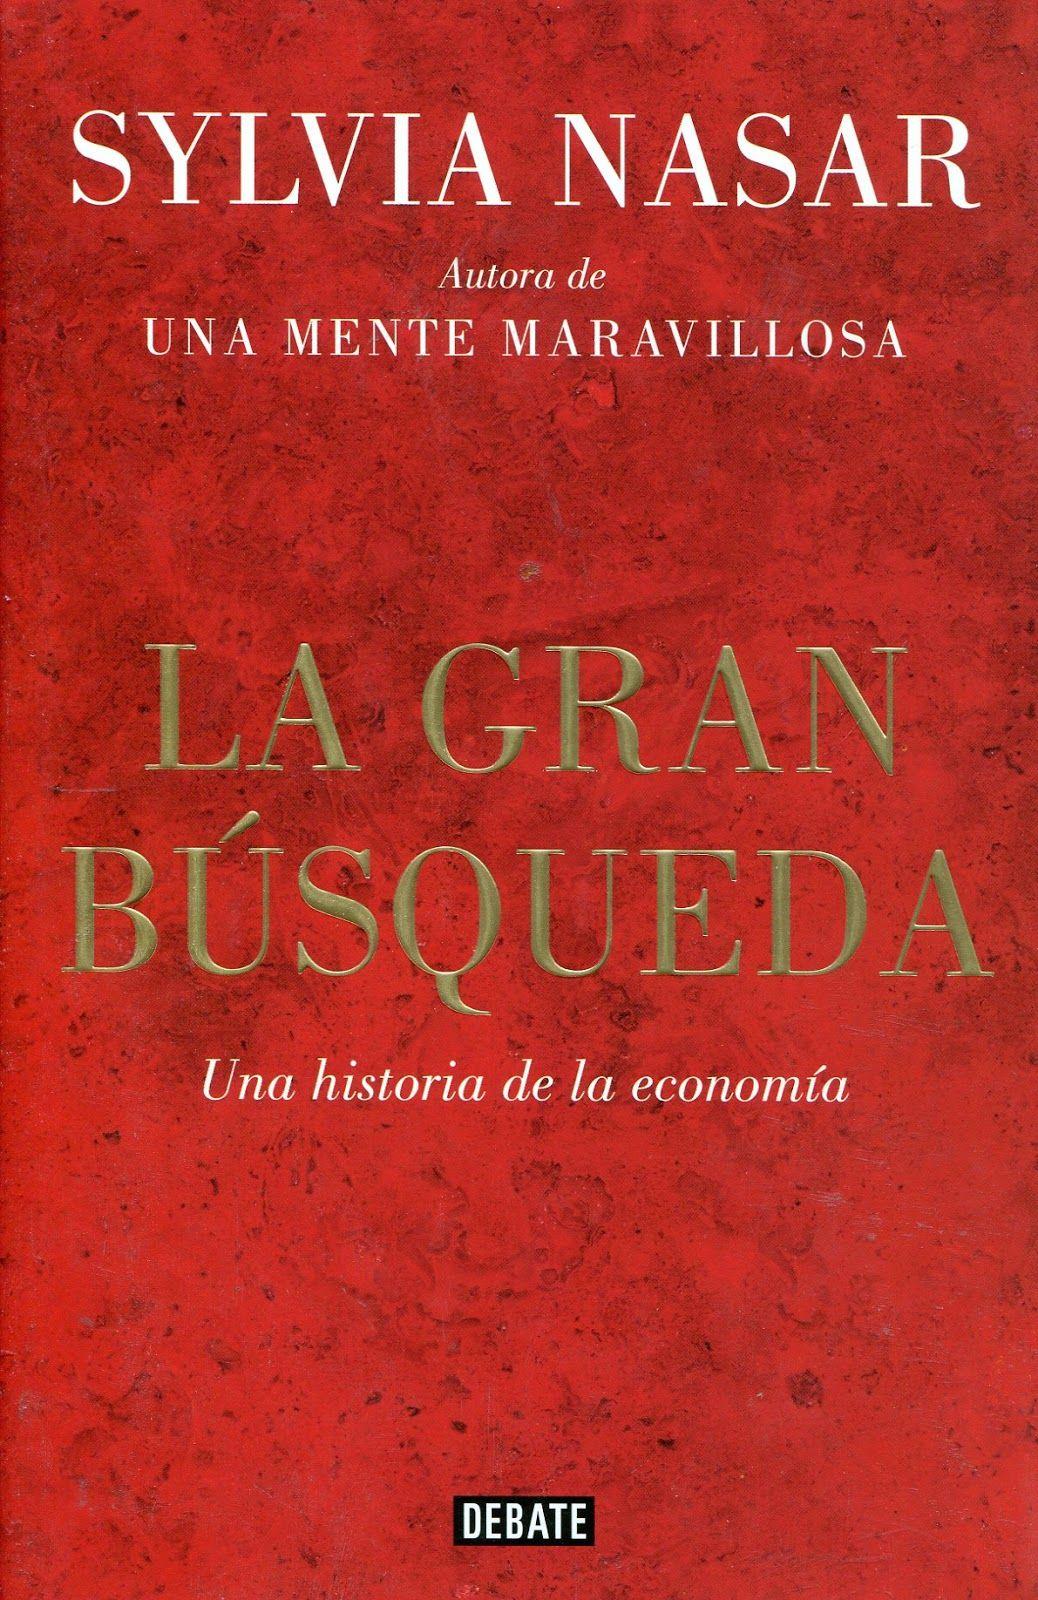 La gran búsqueda : una historia de la economía / Sylvia Nasar ; traducción de Zoraida de Torres Burgos